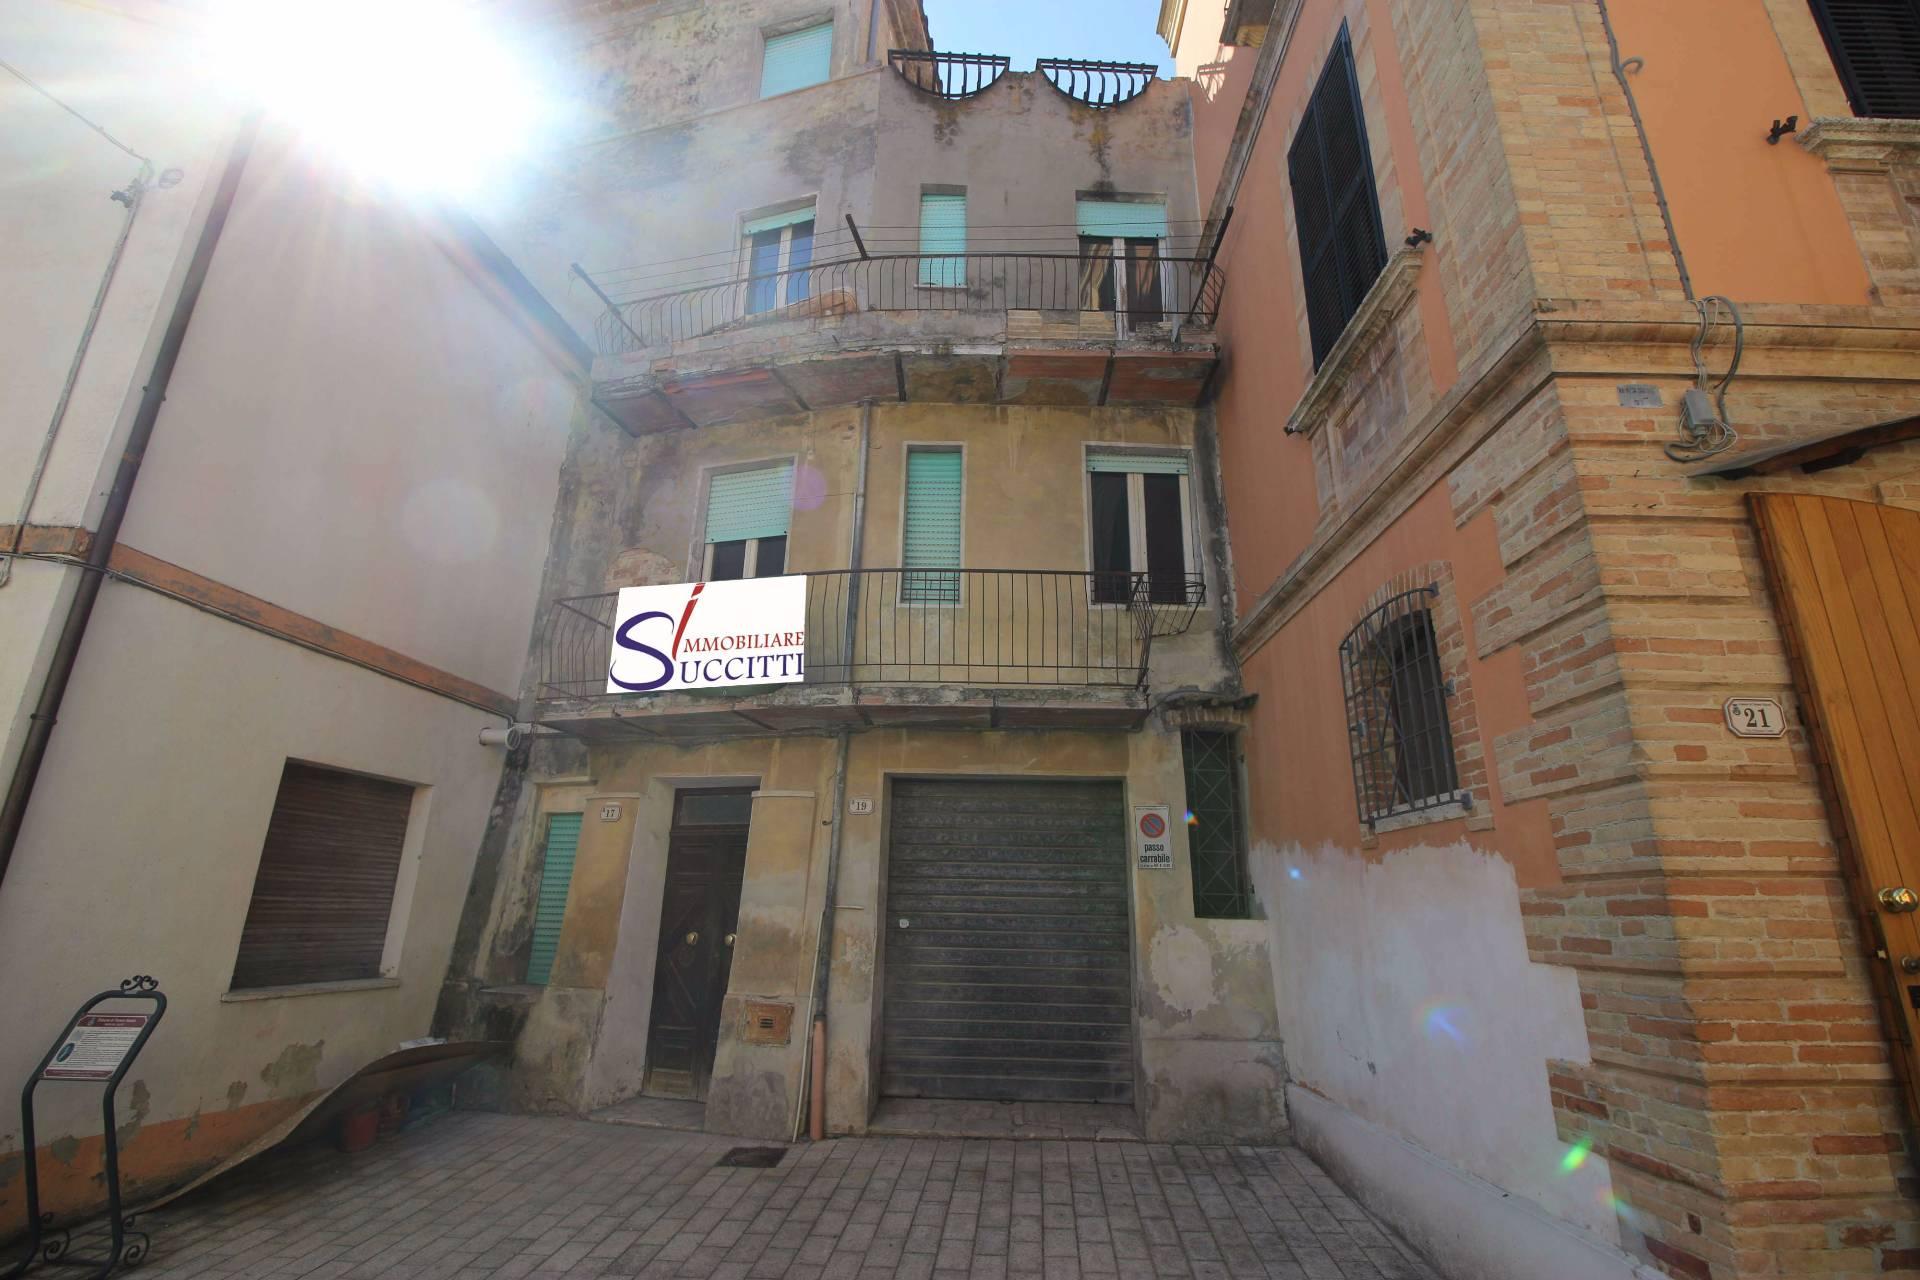 Soluzione Indipendente in vendita a Torano Nuovo, 10 locali, prezzo € 98.000 | CambioCasa.it